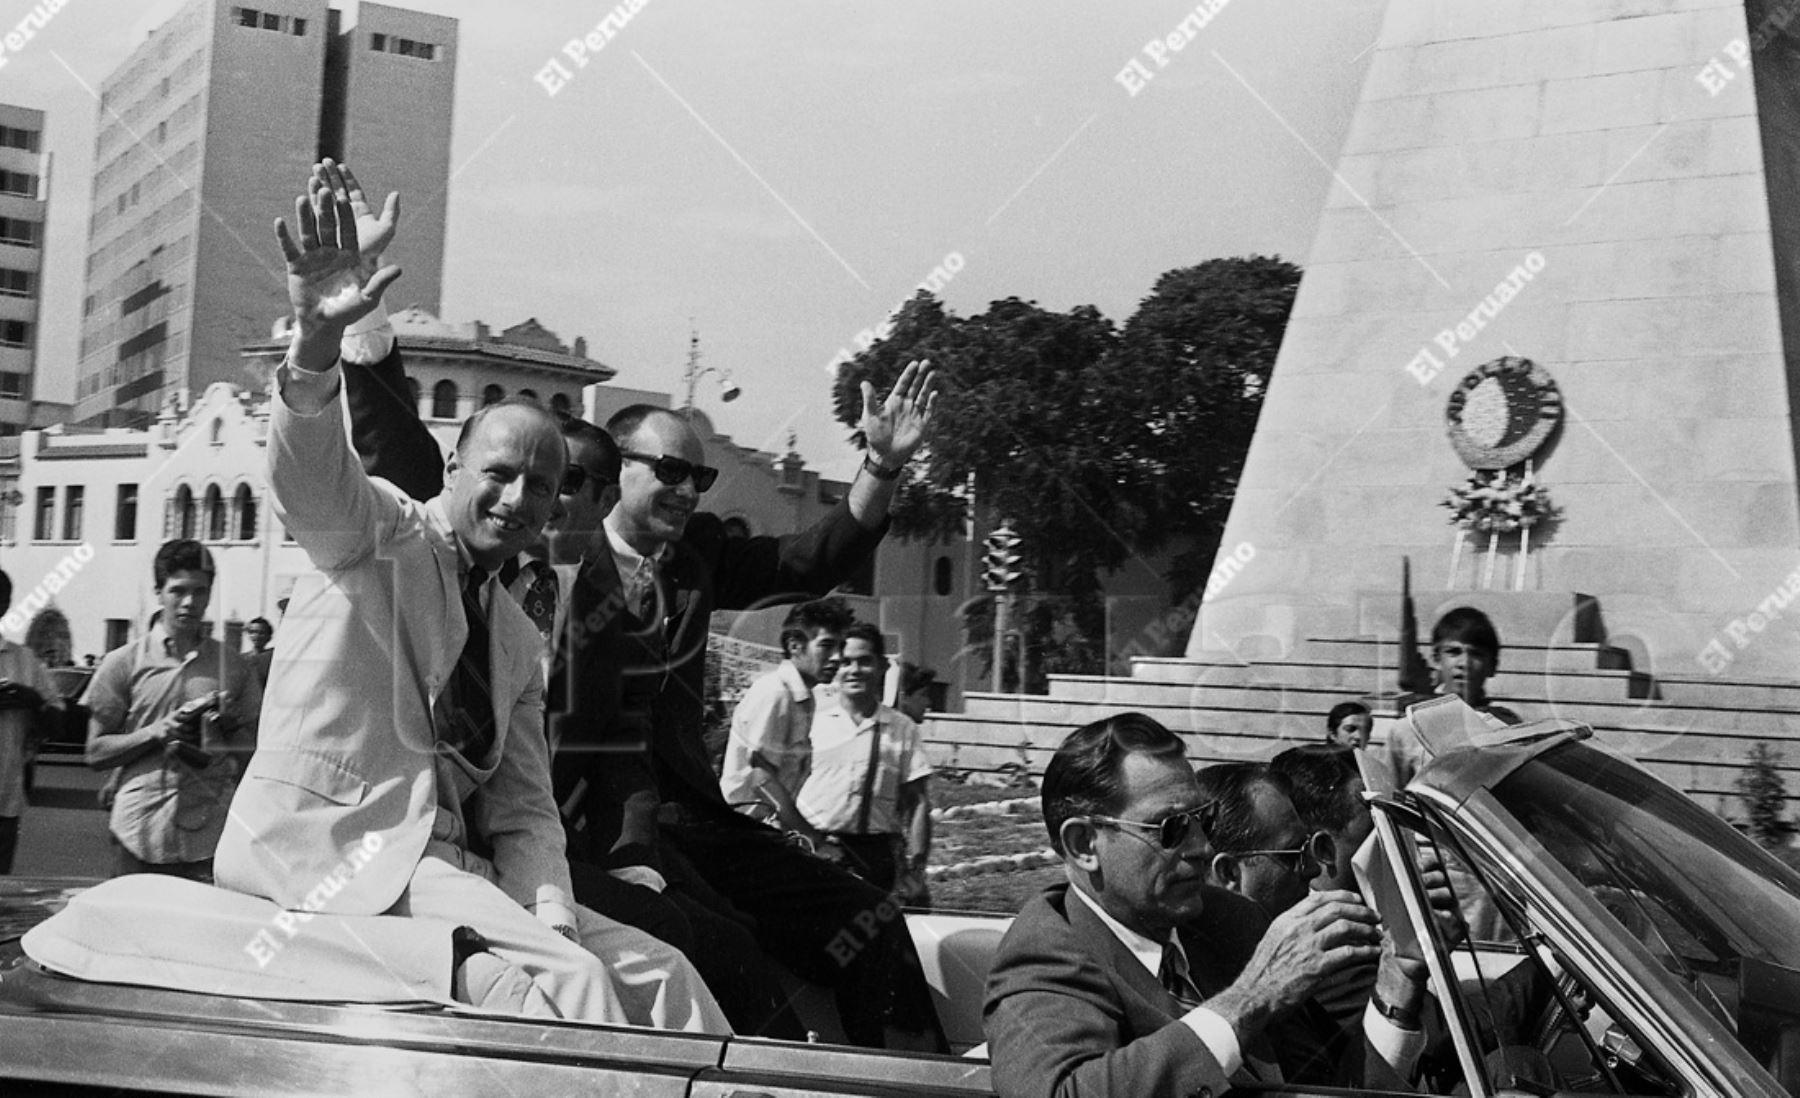 Lima - 17 febrero 1970 / Una multitud aclamó a los astronautas del Apolo XII: Charles Conrad, Richard Gordon y Alan Bean en su recorrido del aeropuerto al centro de la capital. Archivo